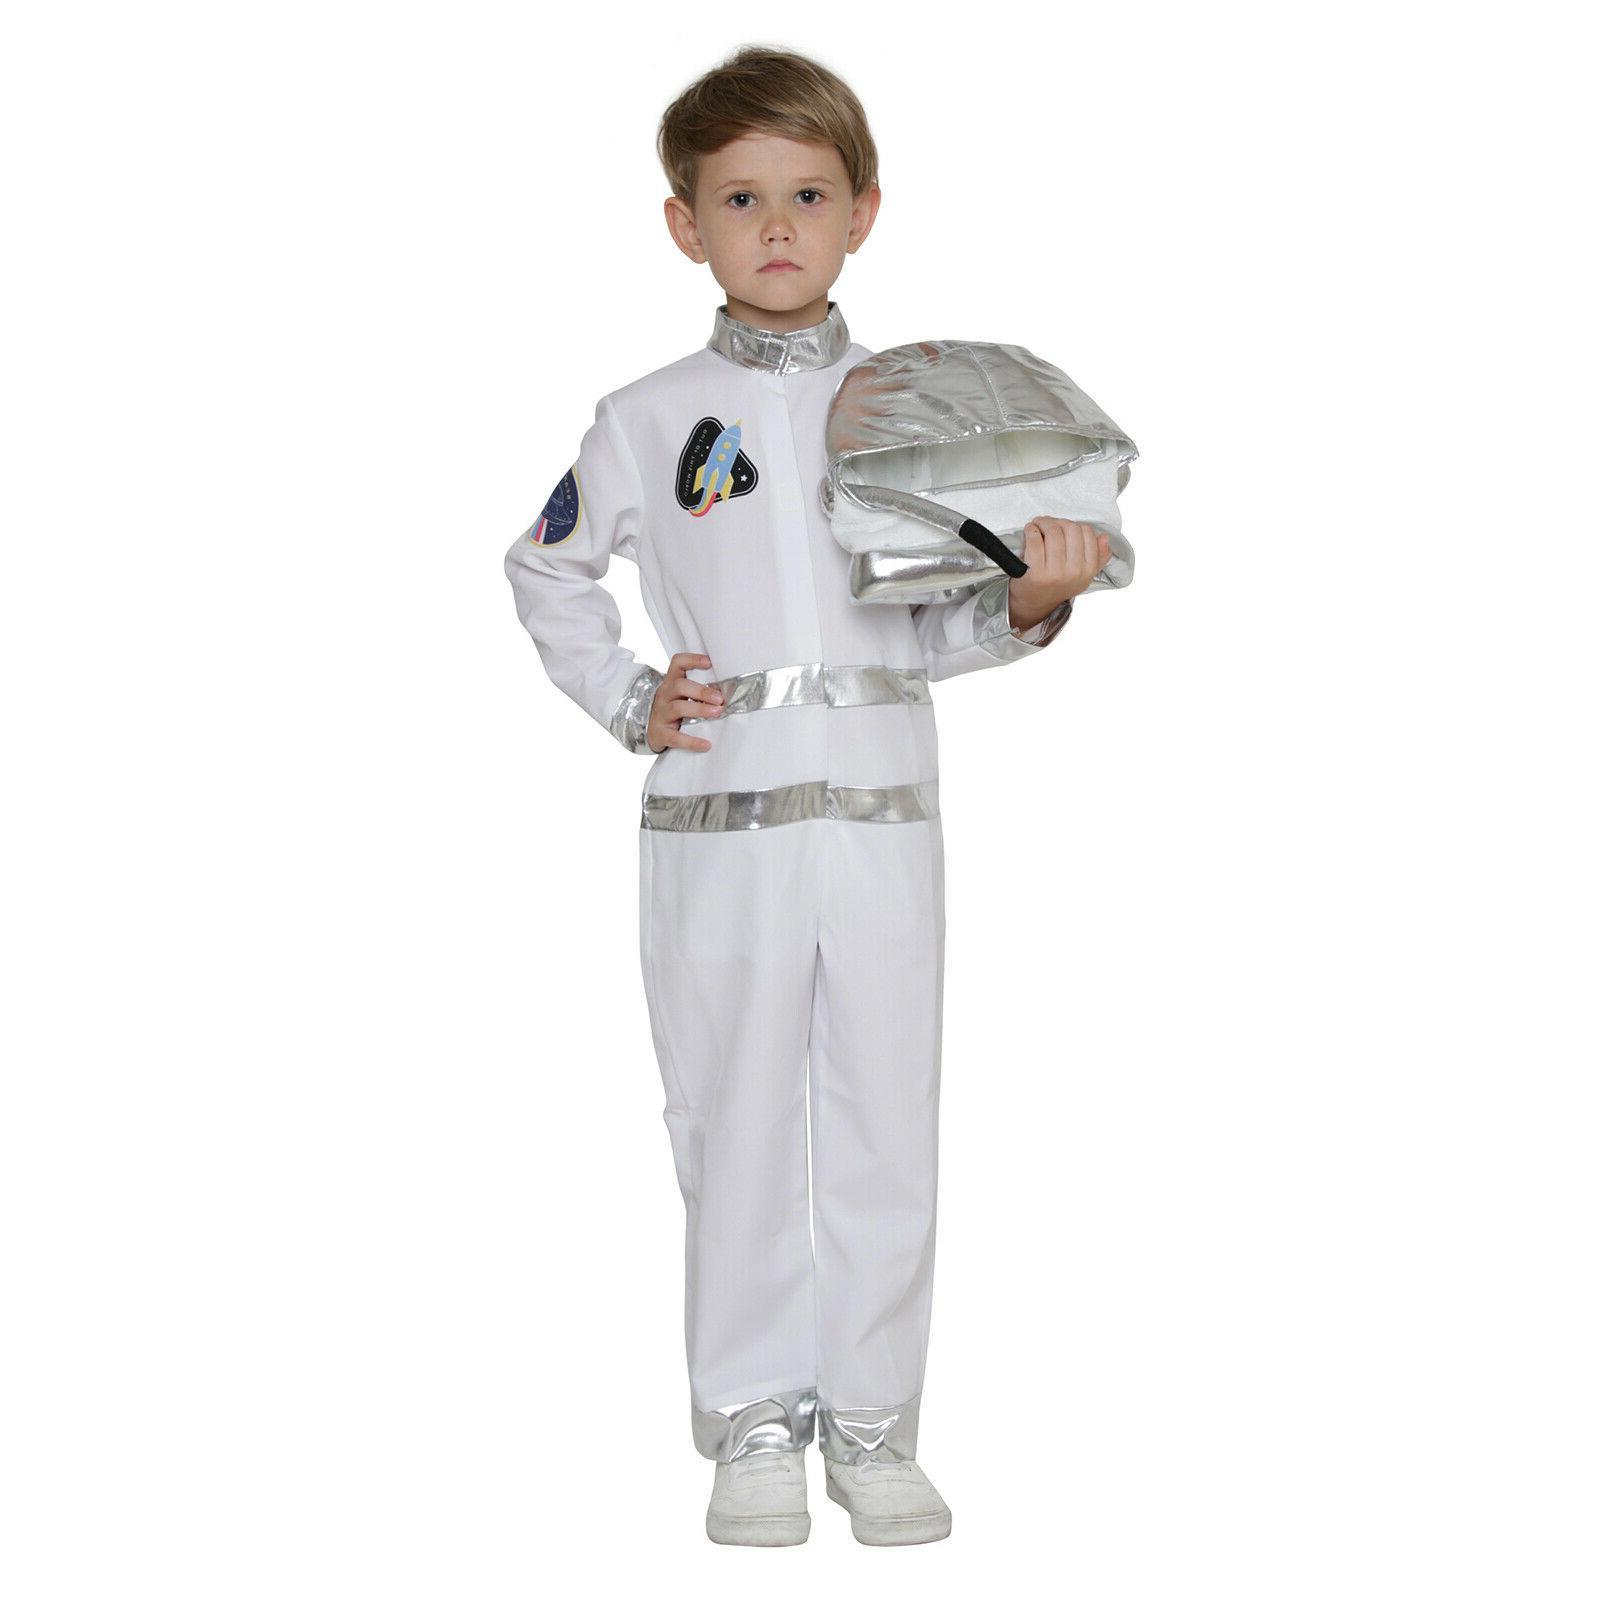 Astronaut Costume Kids Spaceman Halloween Fancy Party